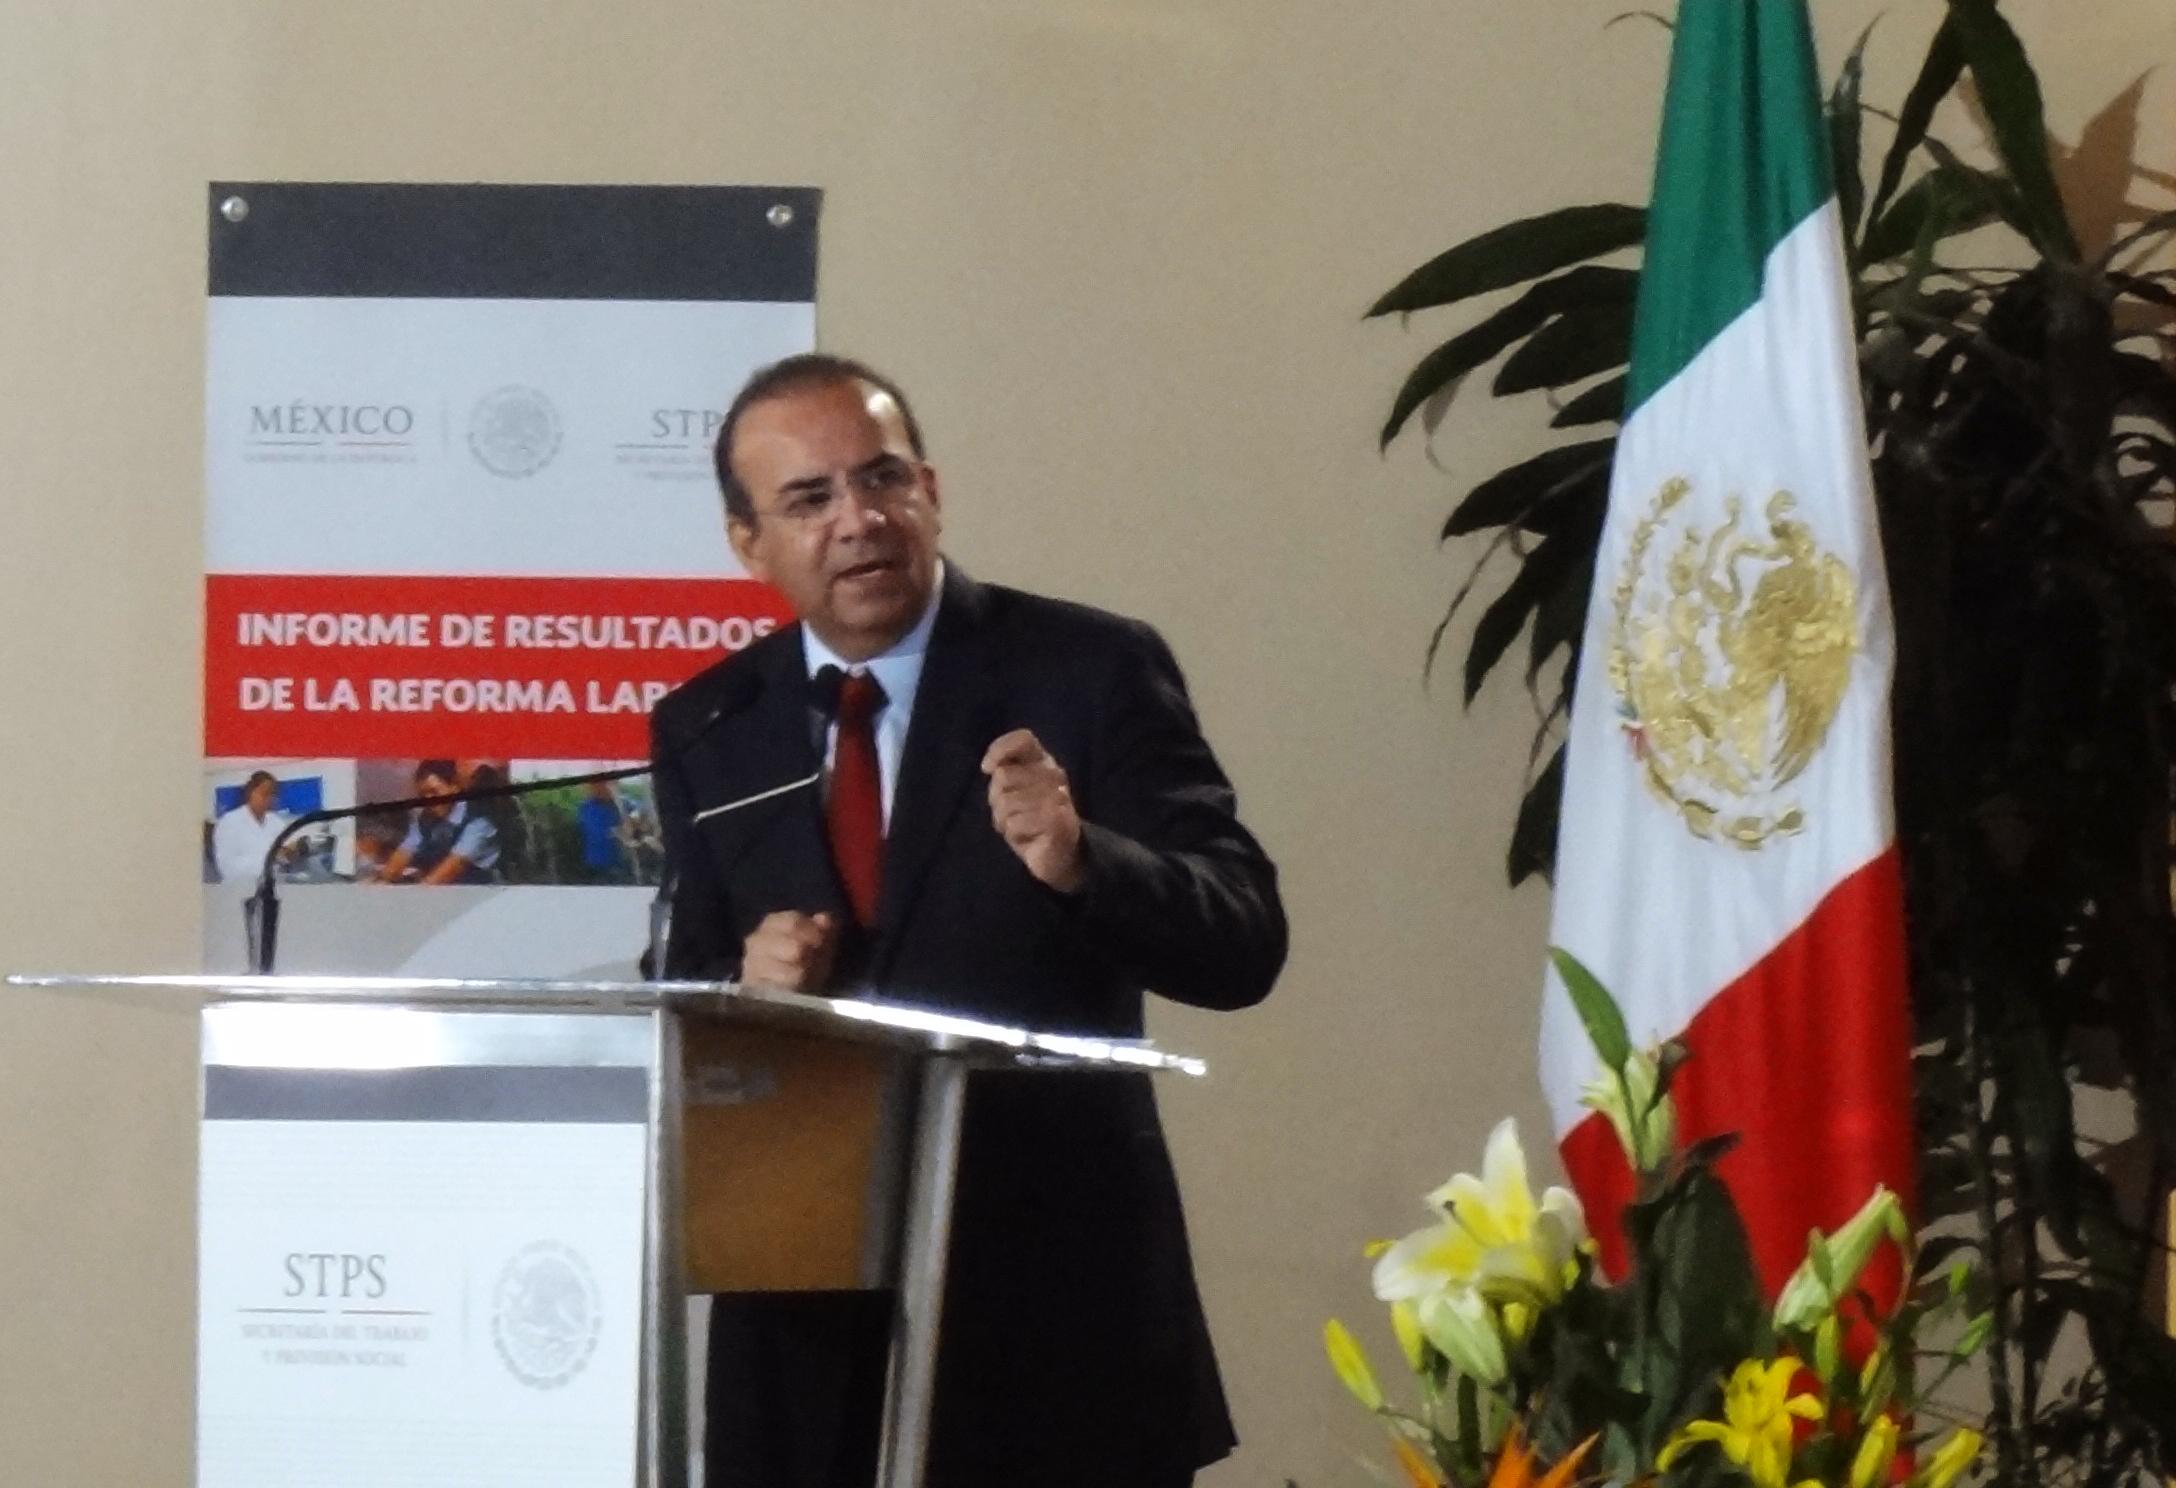 El Secretario del Trabajo y Previsión Social, Alfonso Navarrete Prida, presentó el Informe de Resultados de la Reforma Laboral impulsada por el Gobierno del Presidente Enrique Peña Nieto.